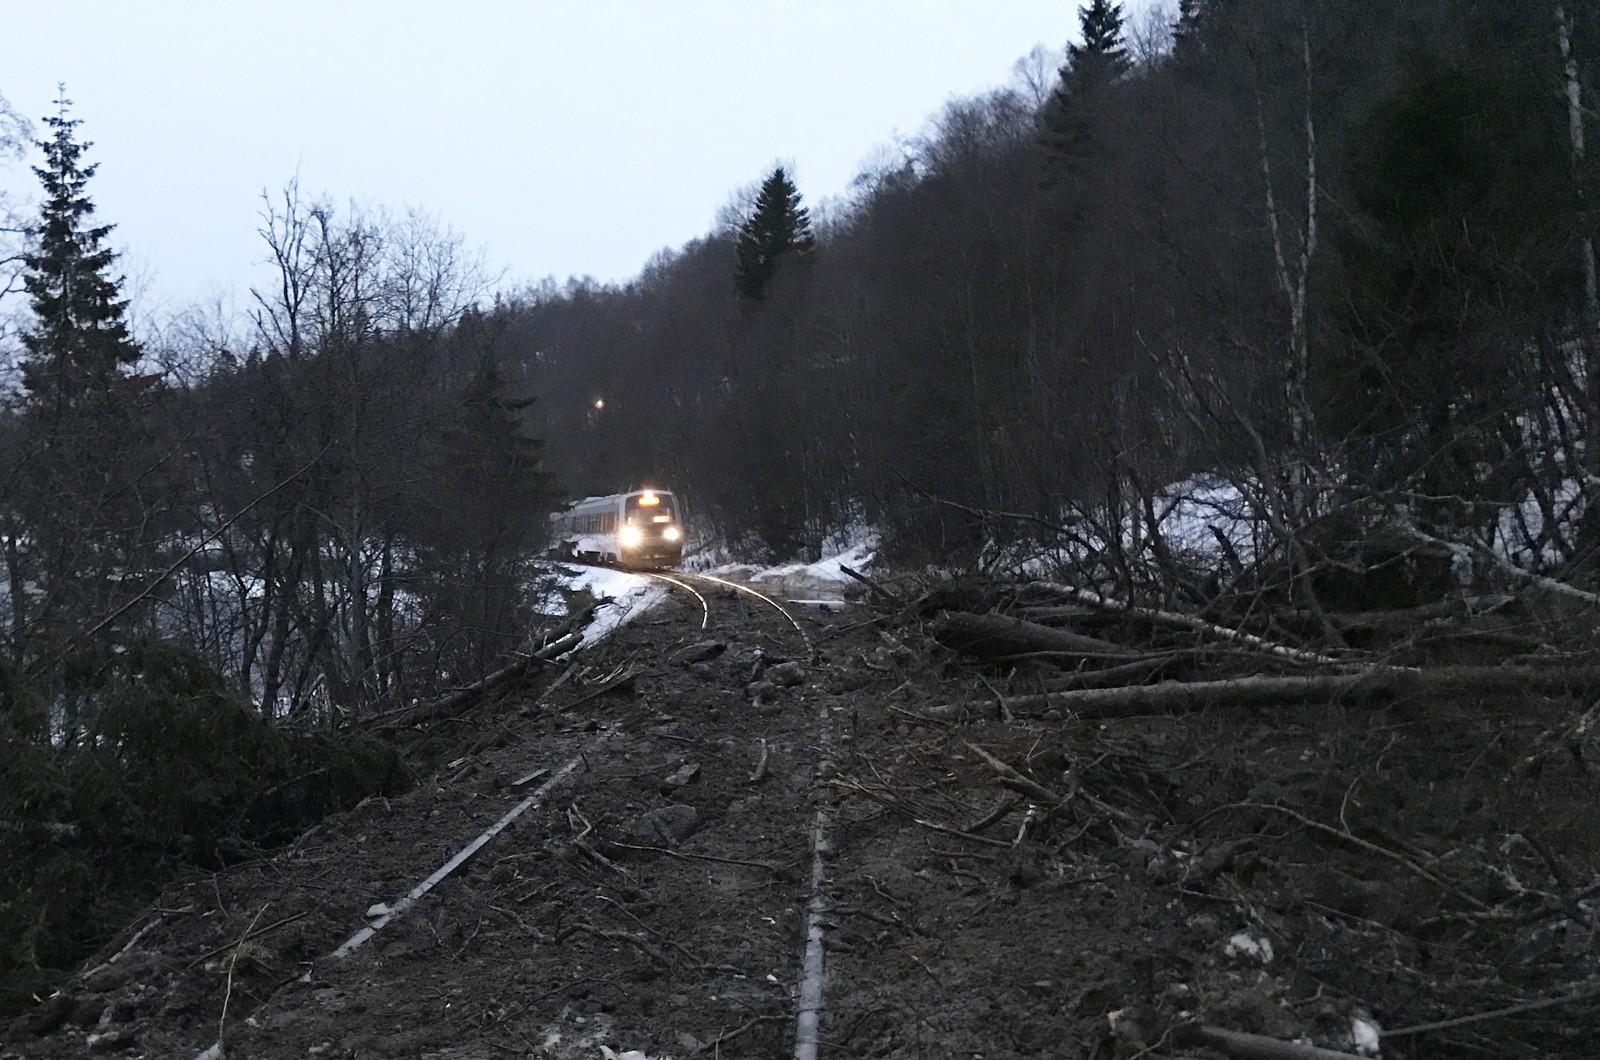 Et tog på vei til Trondheim sporet av tidlig mandag morgen mellom Singsås og Langlete i Midtre Gauldal.